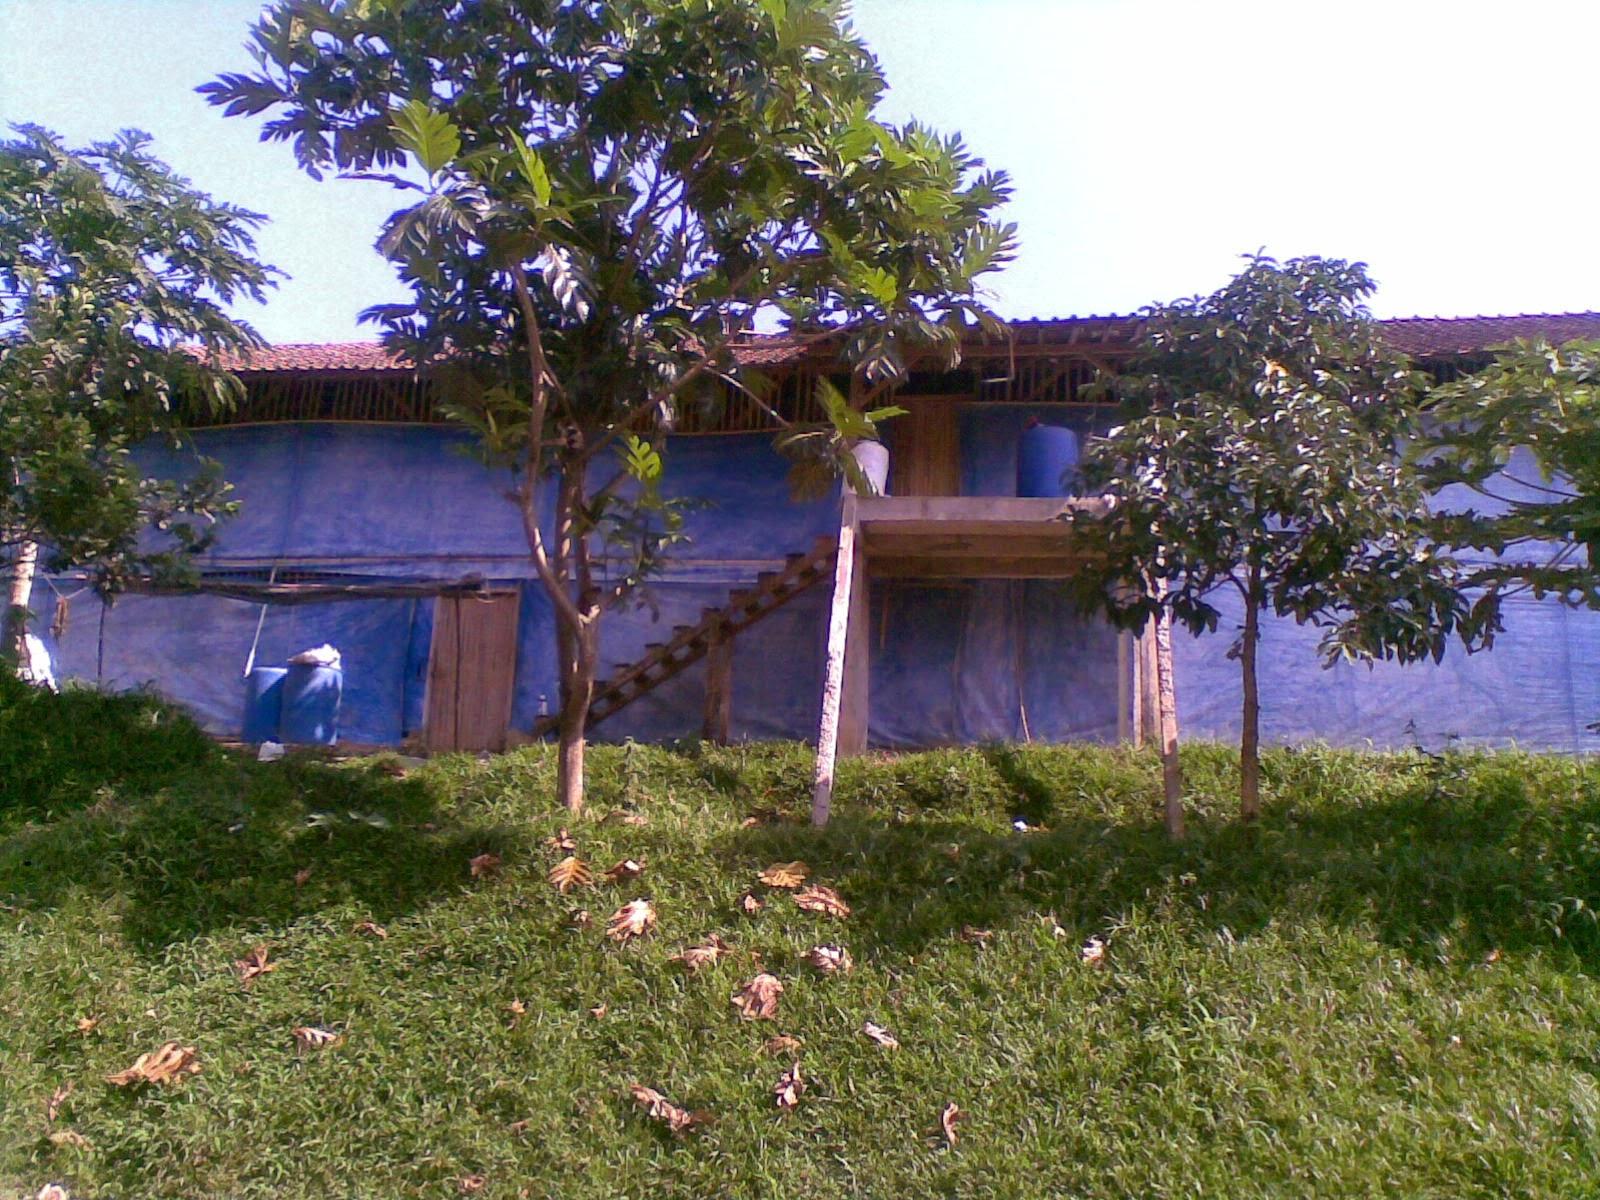 09082014(006) Jual tanah luas 5 Ha, kebun karet yang sudah panen jual tanah di sukaresmi